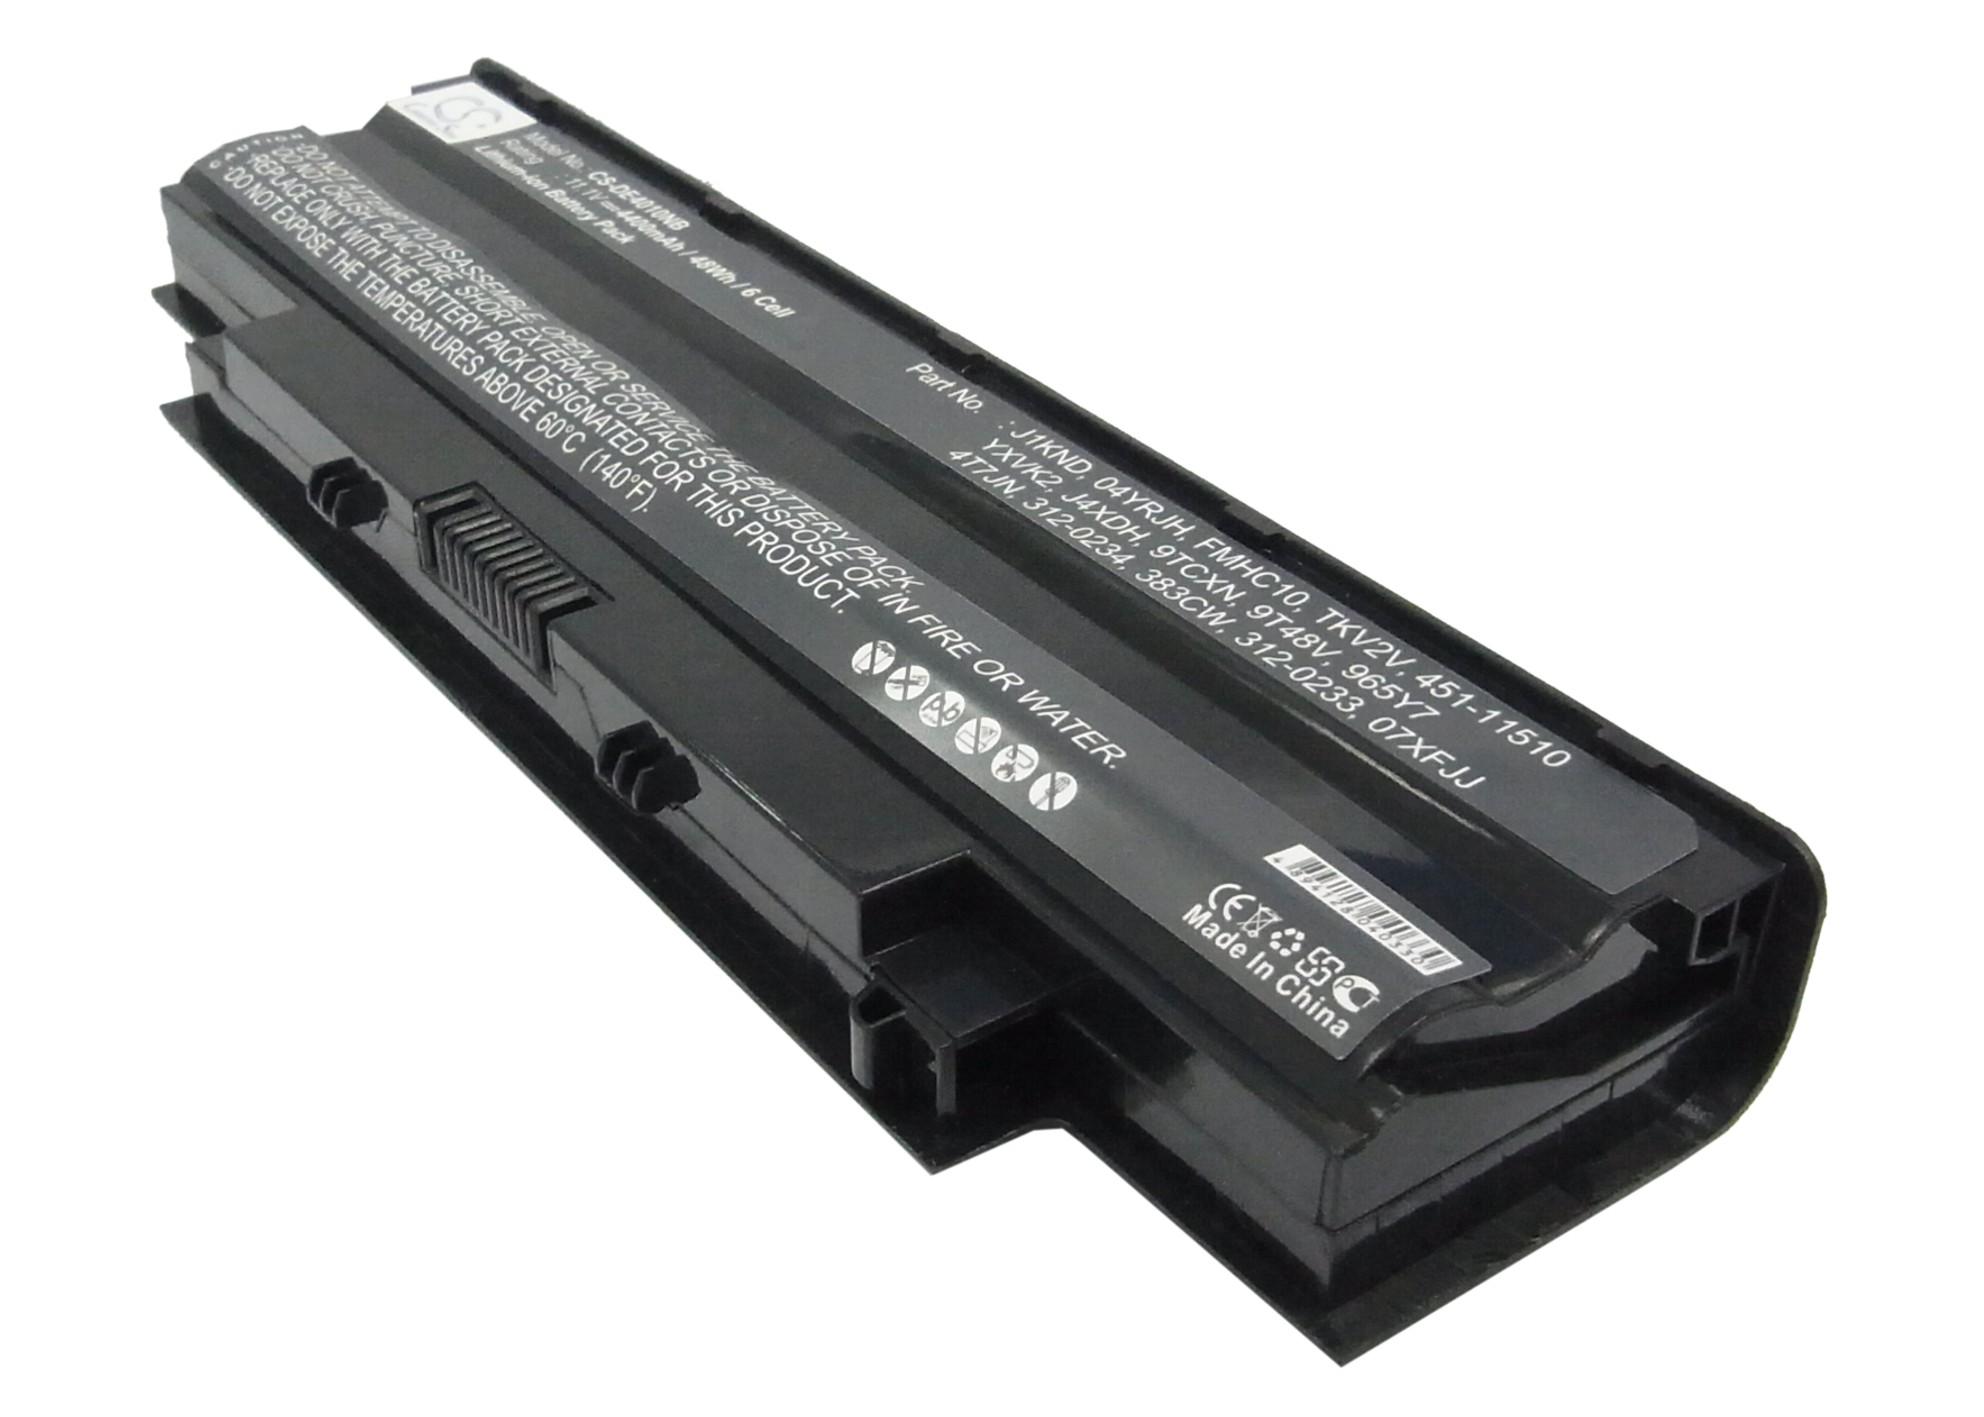 Cameron Sino baterie do notebooků pro DELL Inspiron 15R 5010-D382 11.1V Li-ion 4400mAh černá - neoriginální